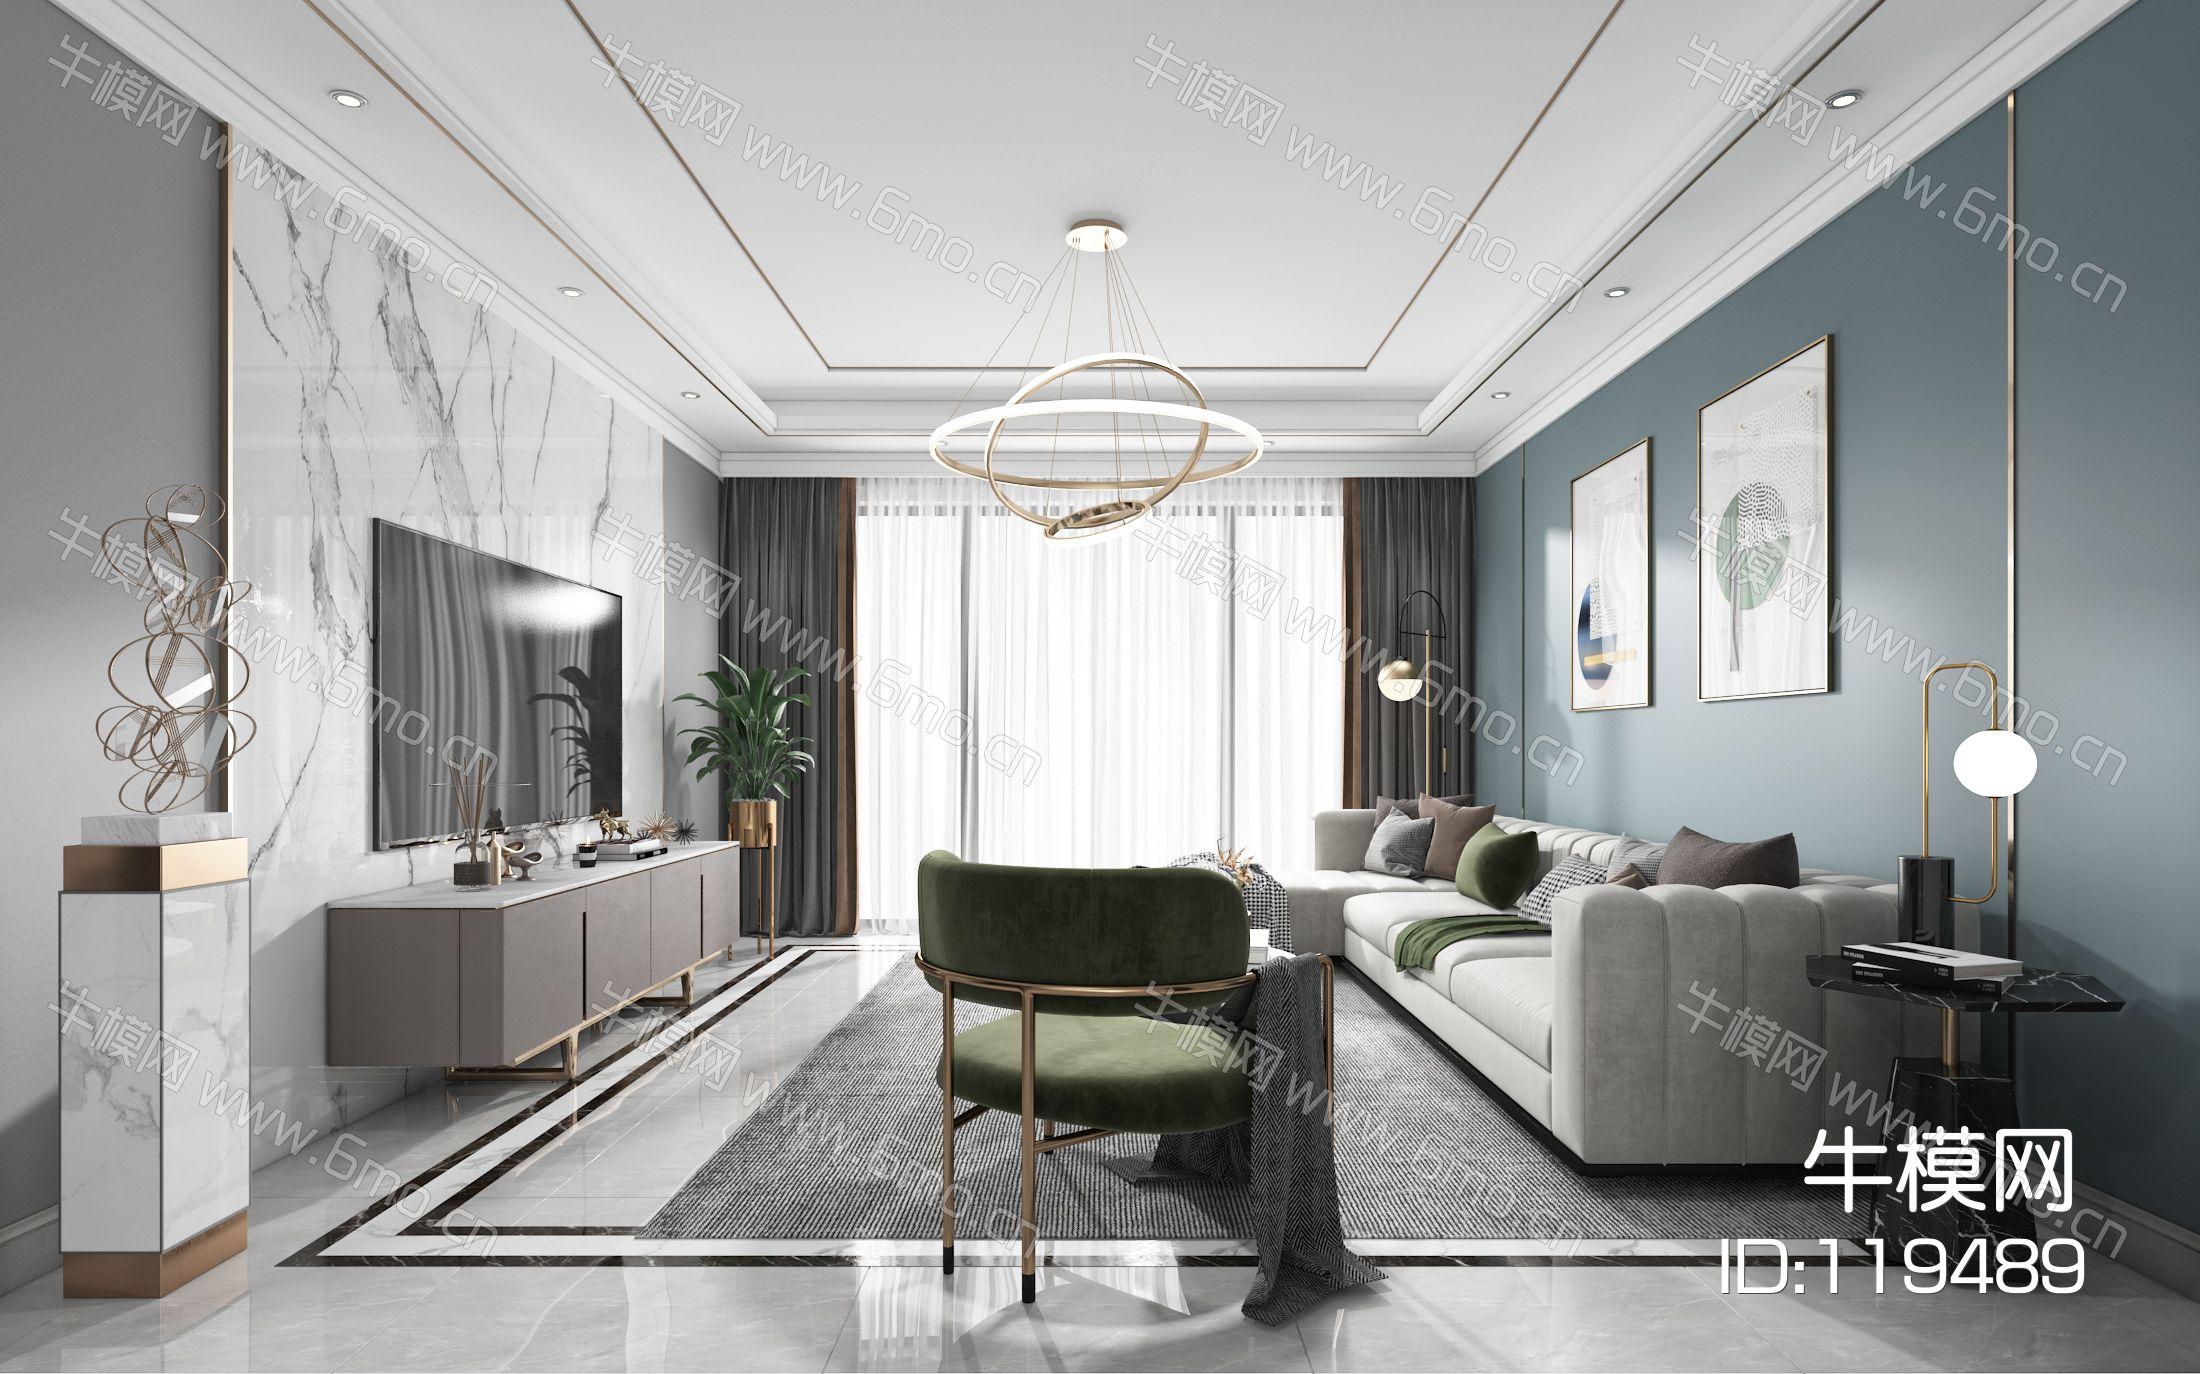 现代客厅餐厅,沙发,餐桌,电视柜,酒柜,吊灯,墙饰,装饰画